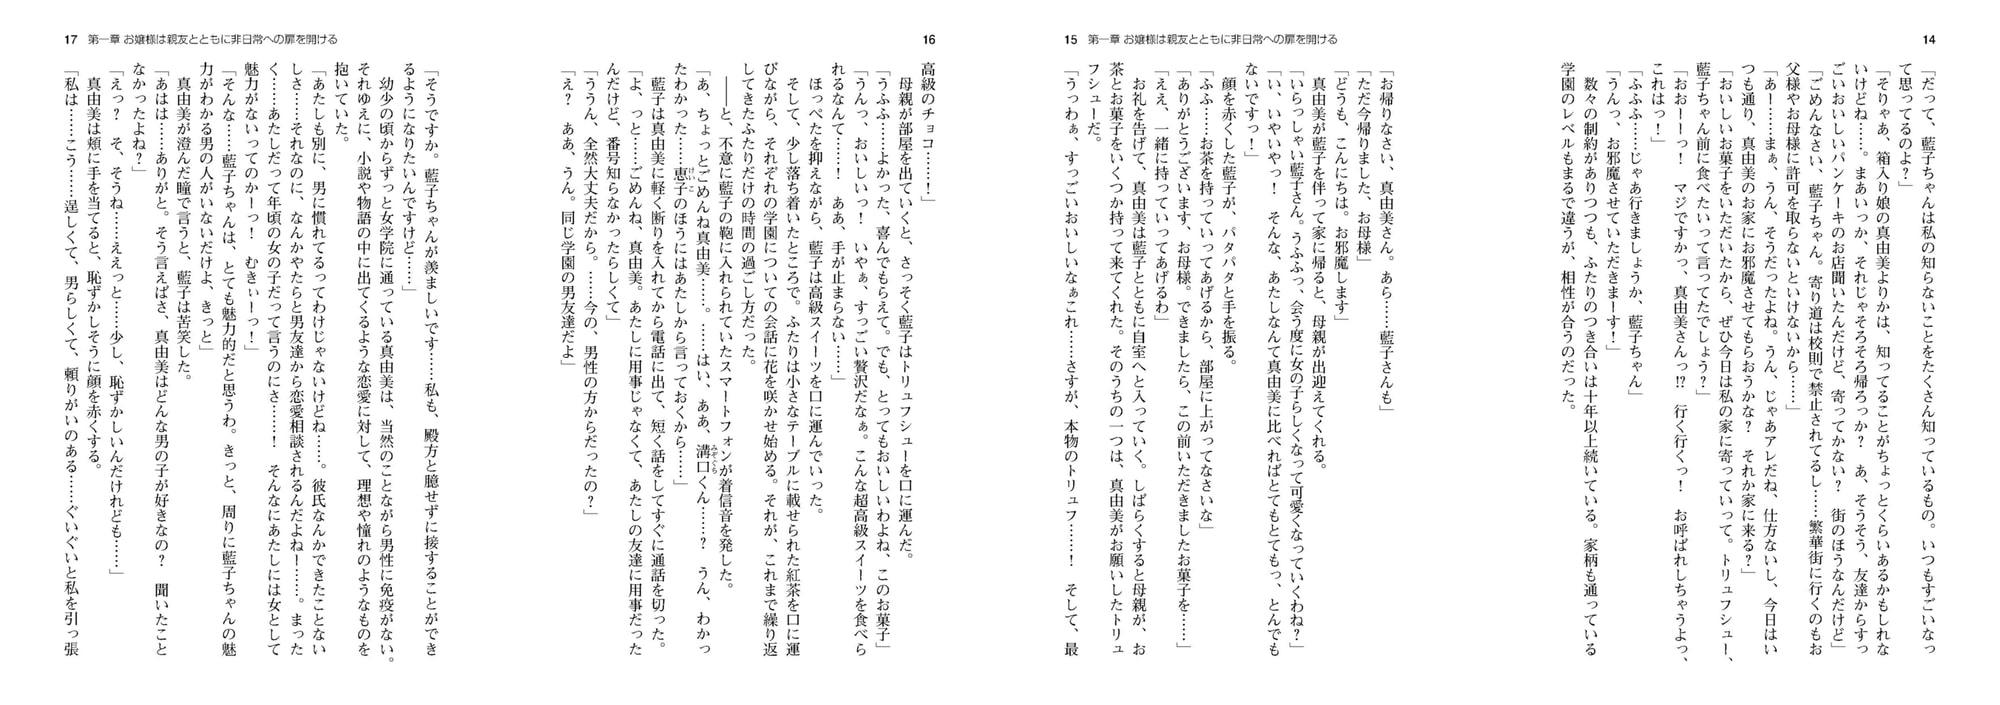 墜落人生 ~清楚お嬢様のヤクキメタコ部屋売春ライフ~